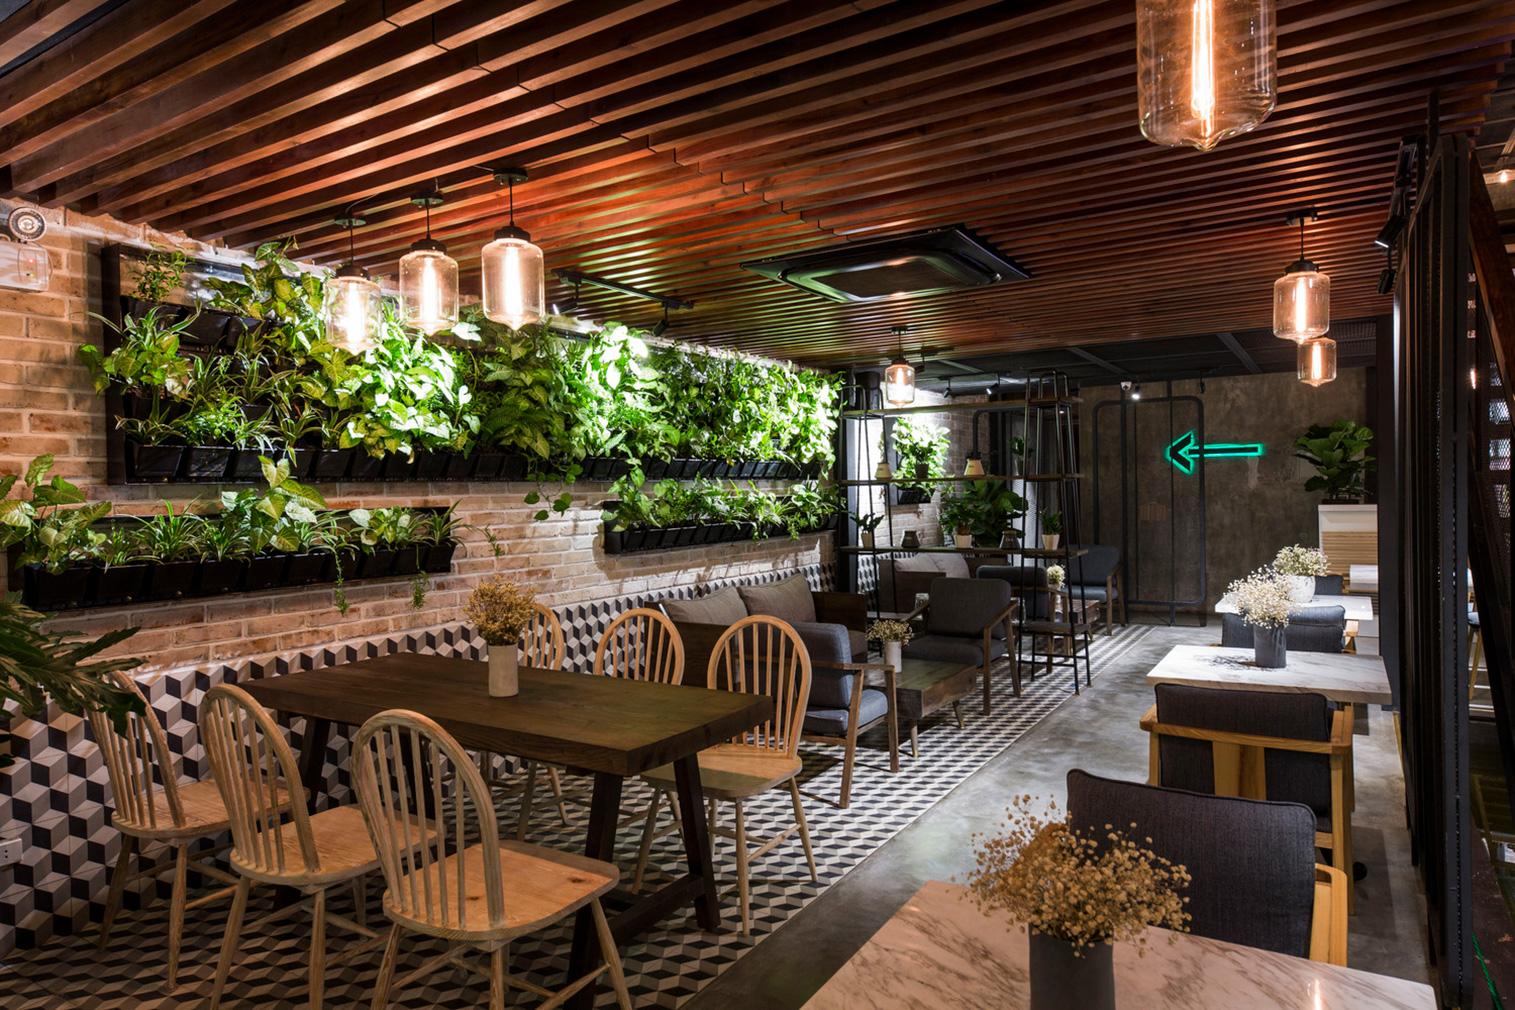 Le House designs a 'secret garden' cafe in Hanoi